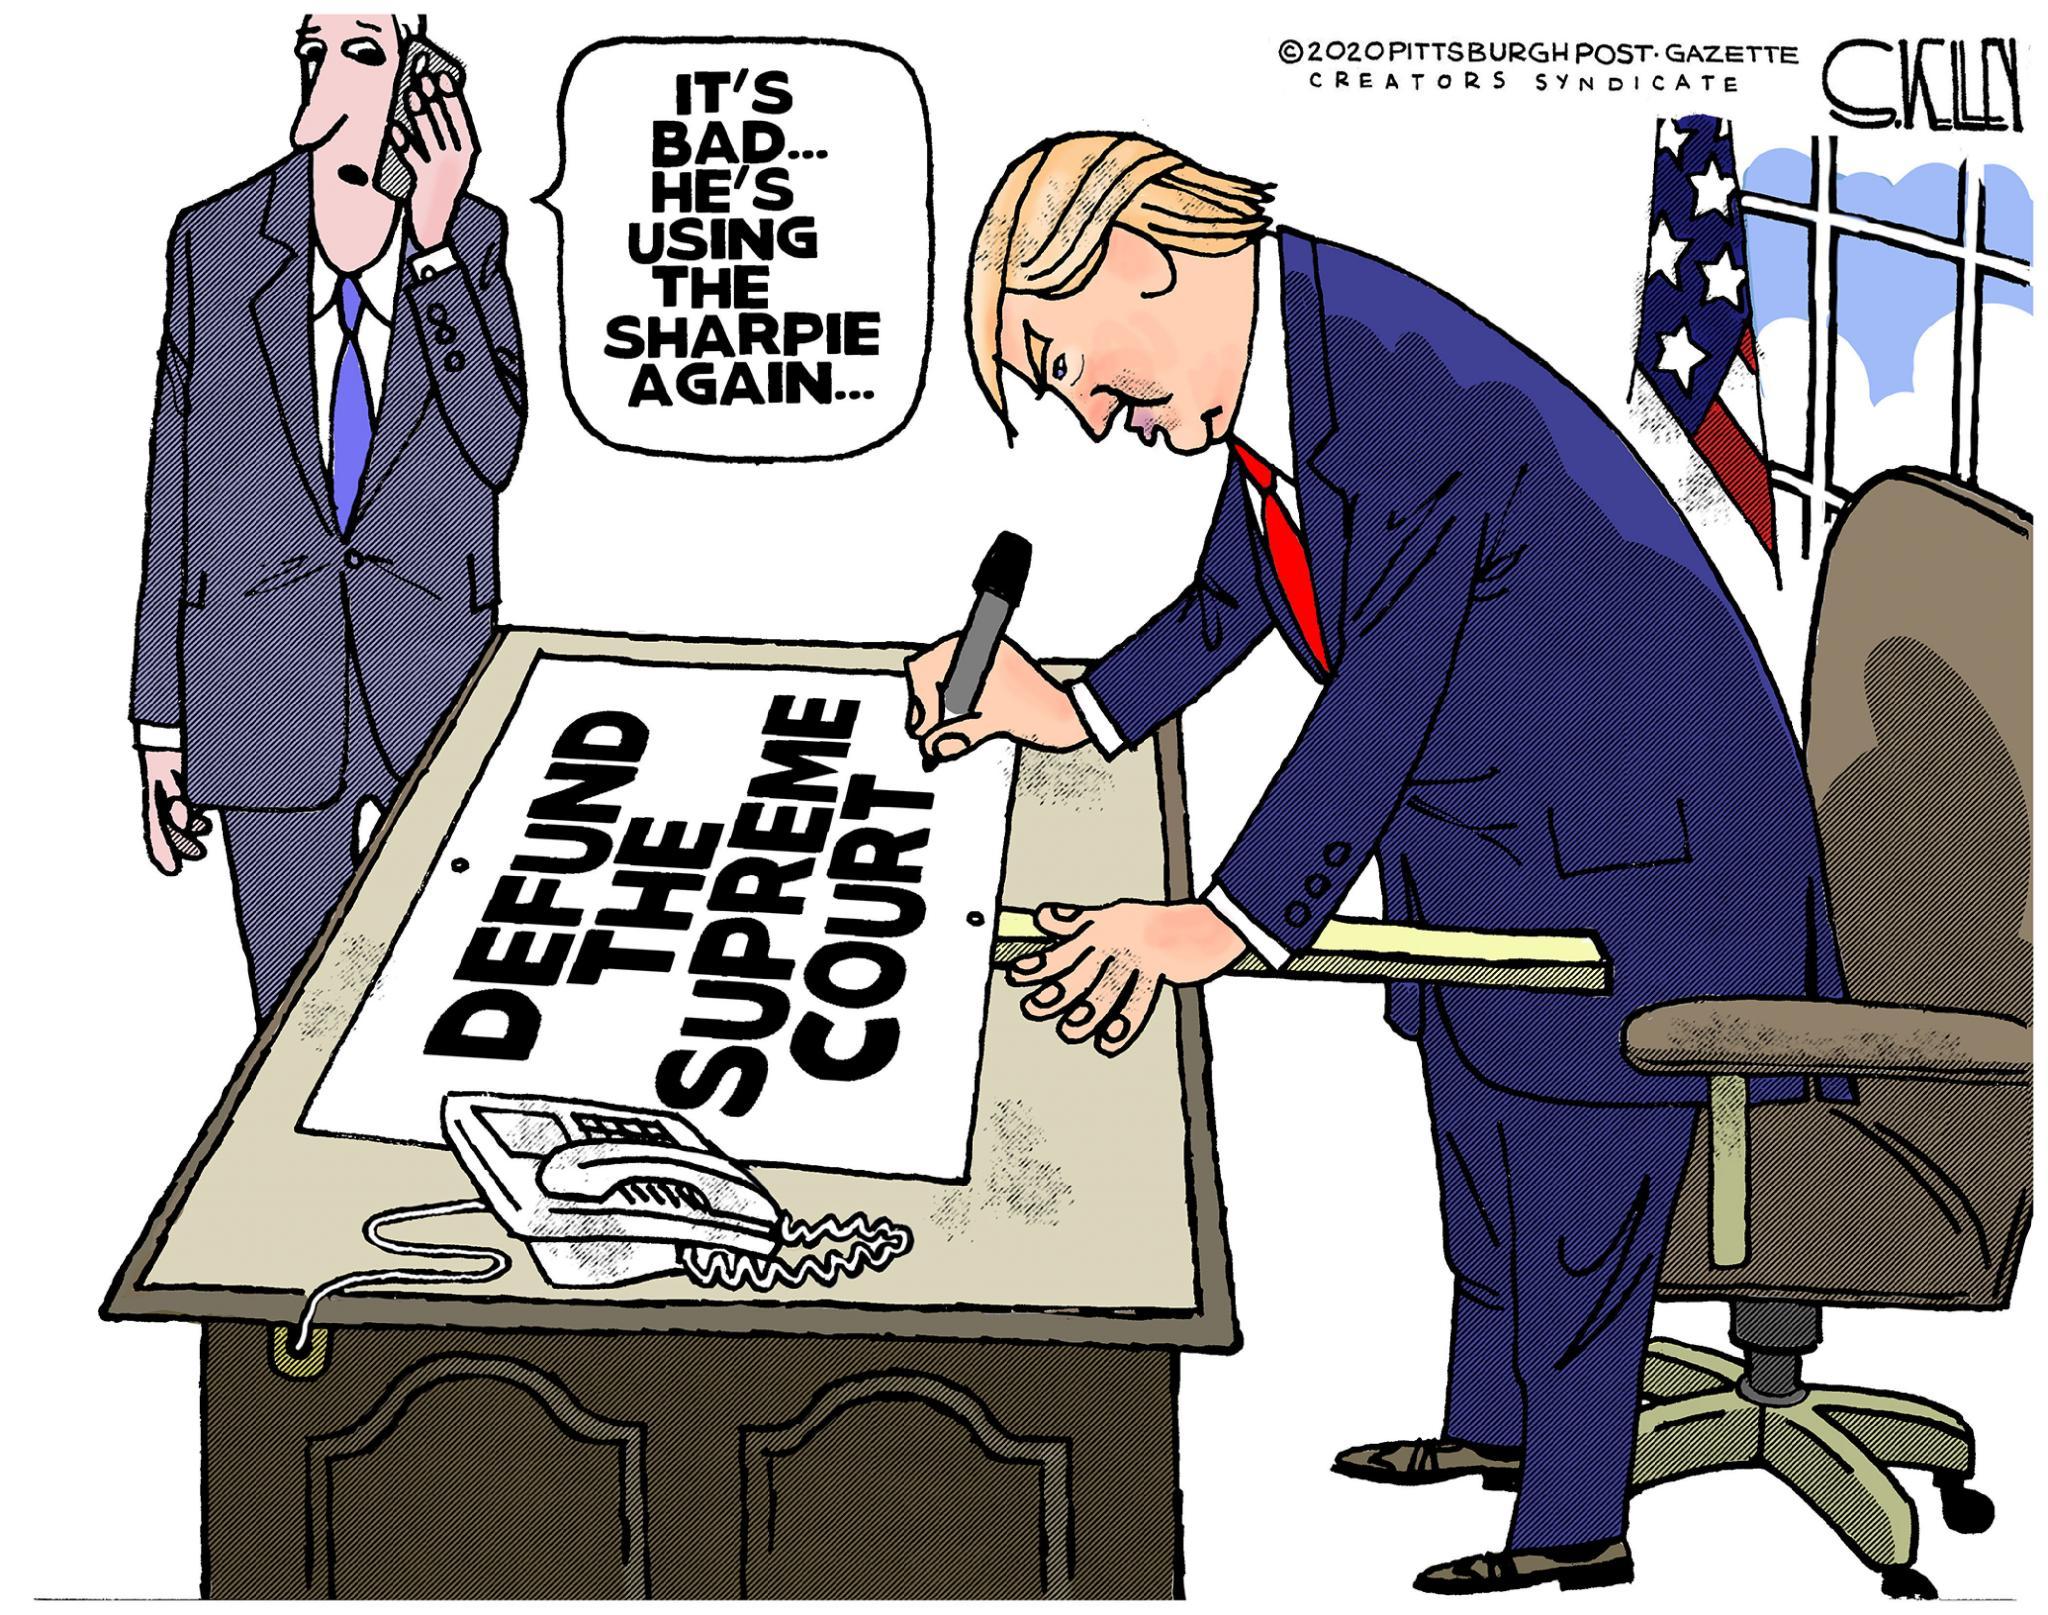 Political cartoons - the 'funny' pics thread.-sk071020dapr-jpg